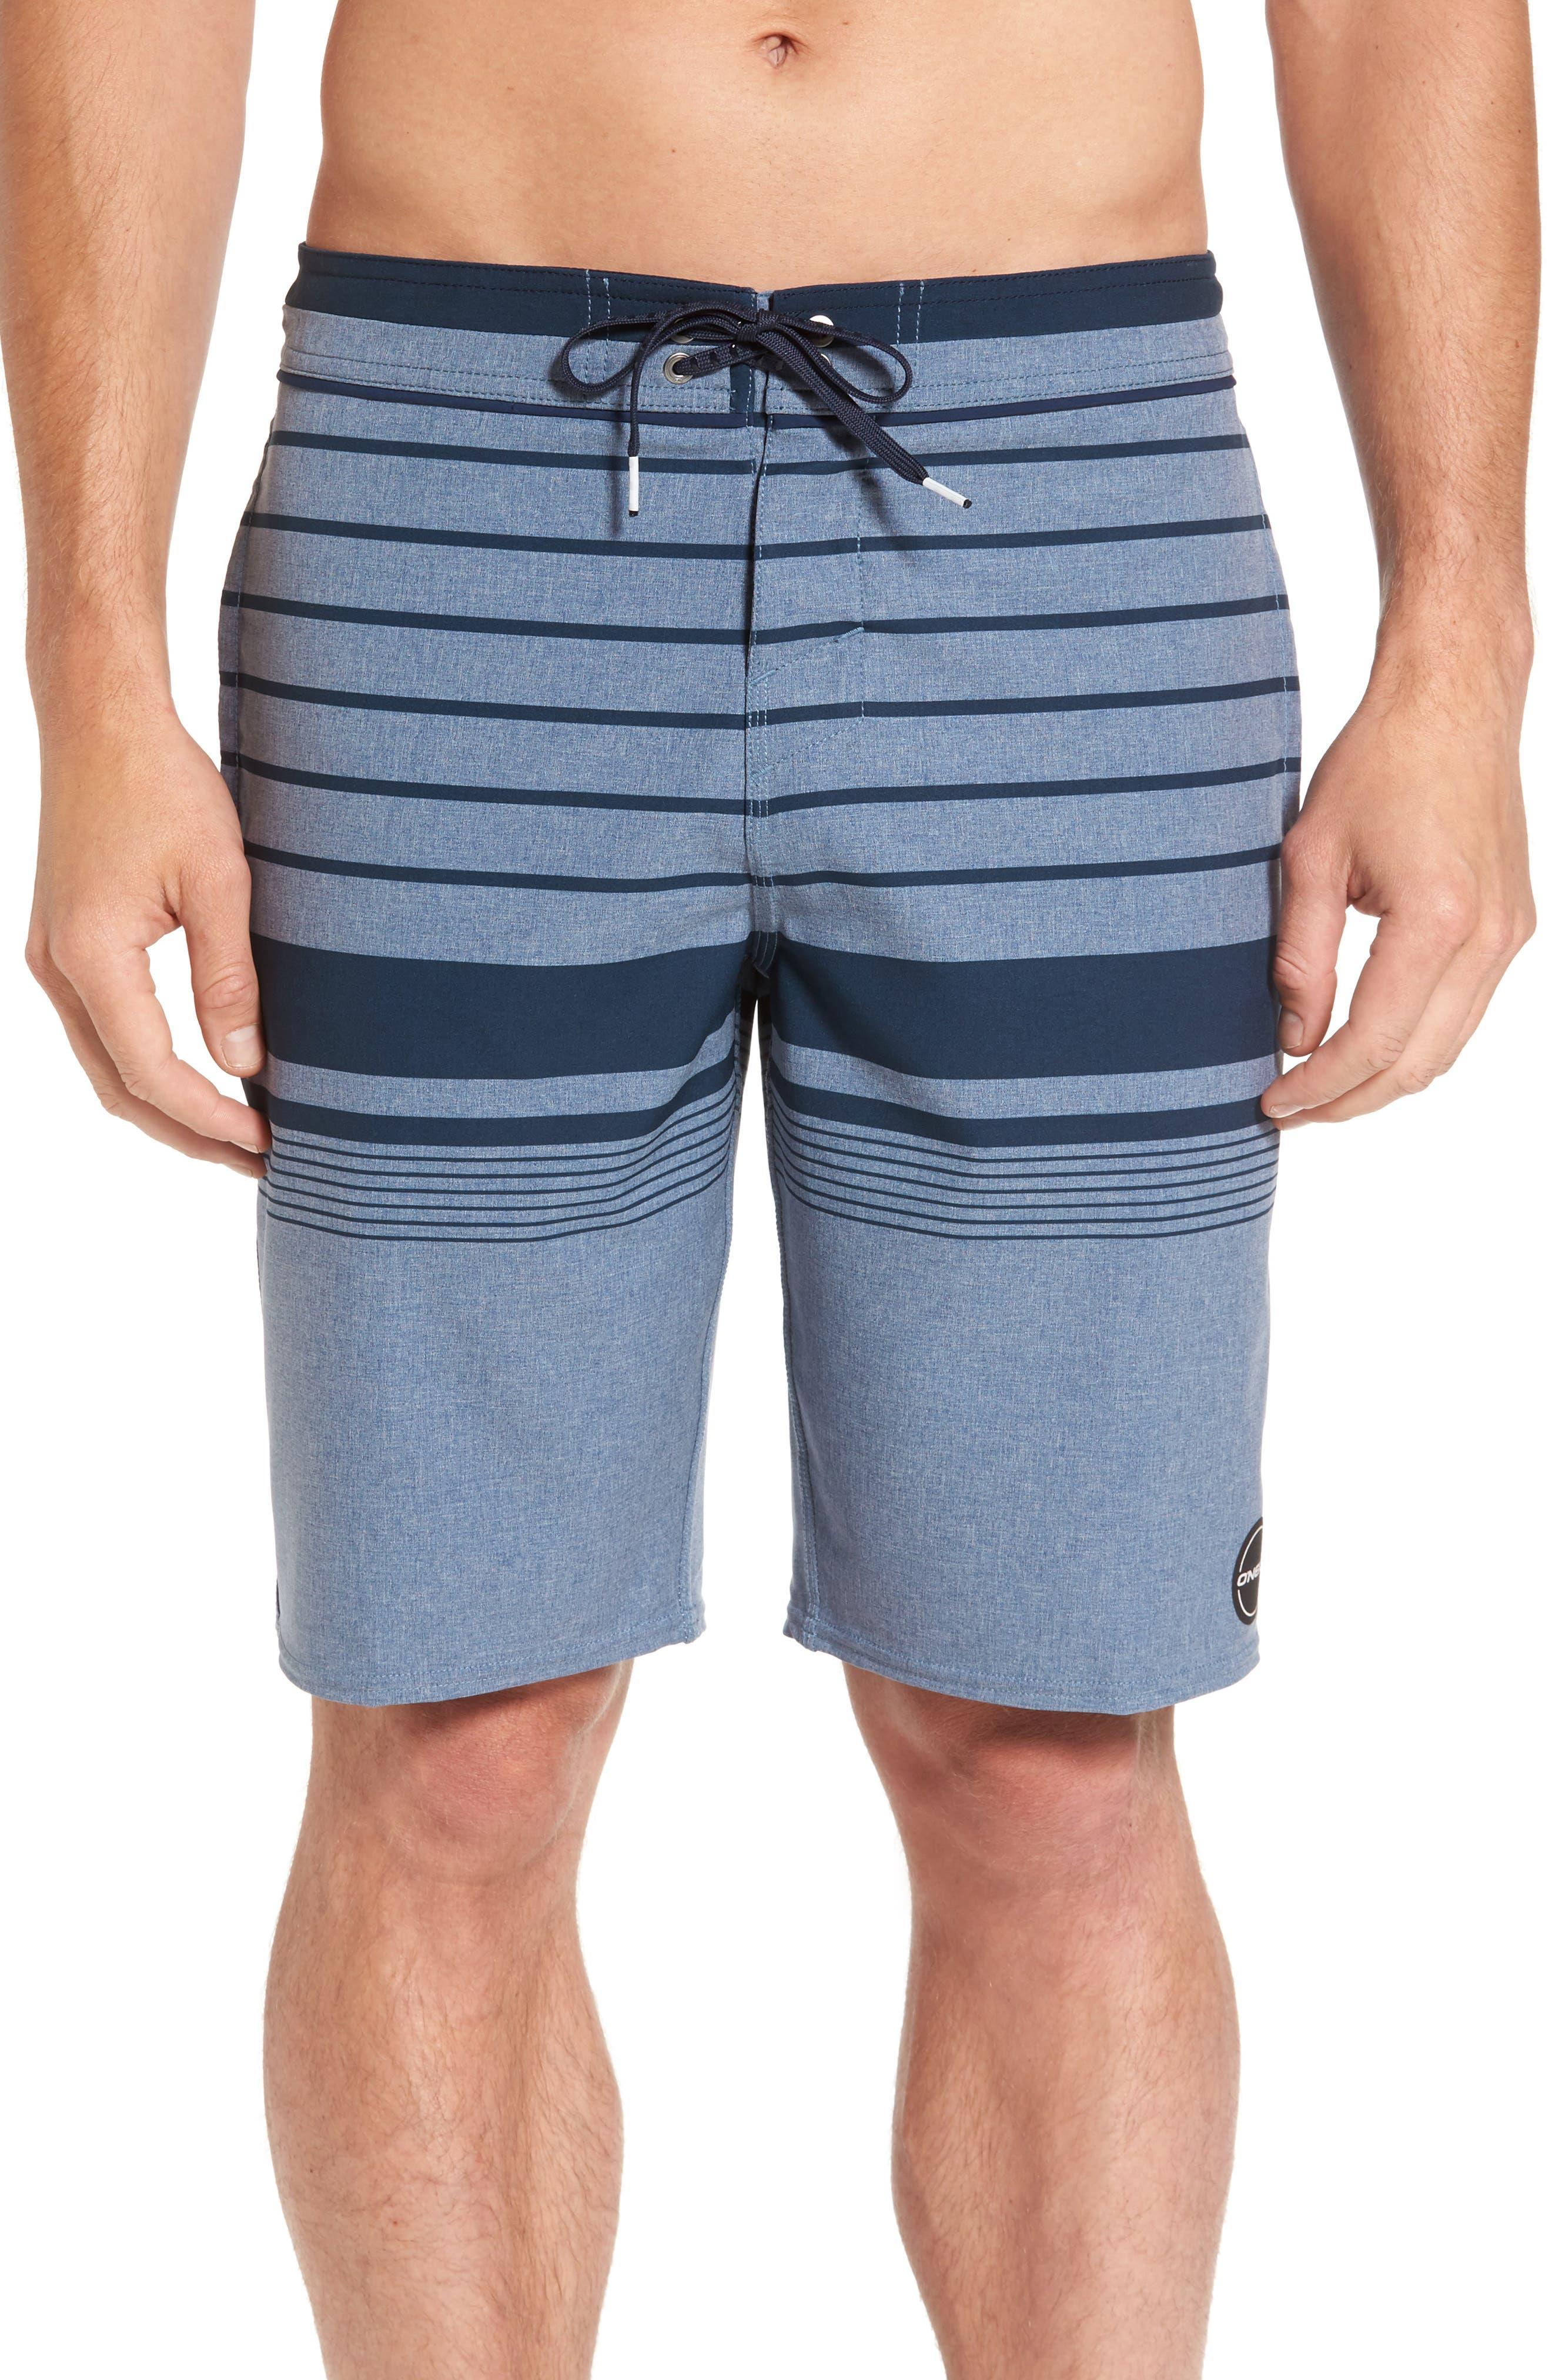 O'Neill Hyperfreak Vista 24-7 Board Shorts